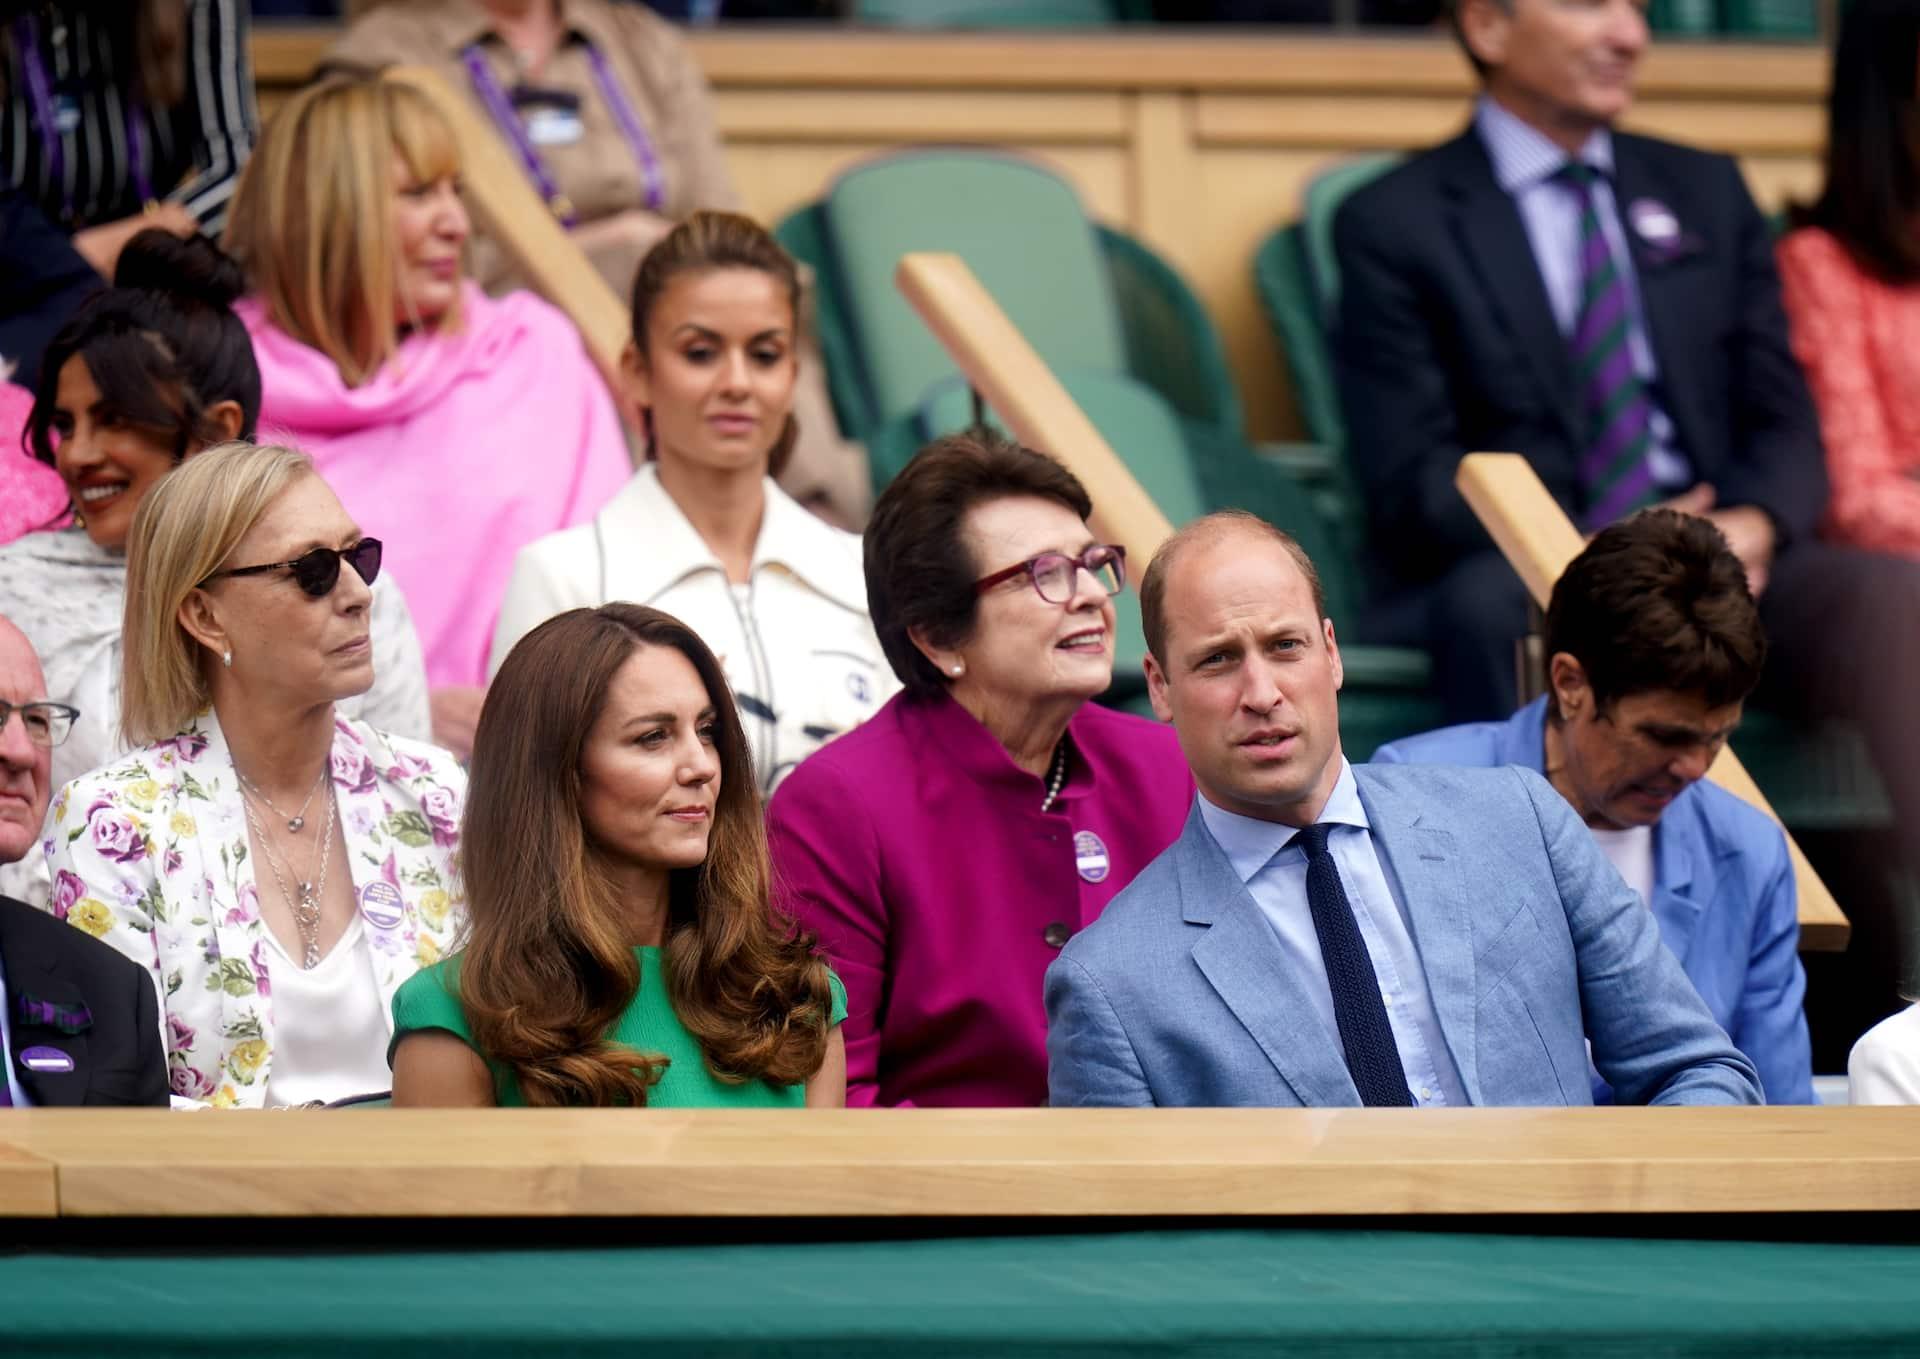 Herzogin Kate & Prinz William: Eindeutige Reaktion von Meghans Freundin